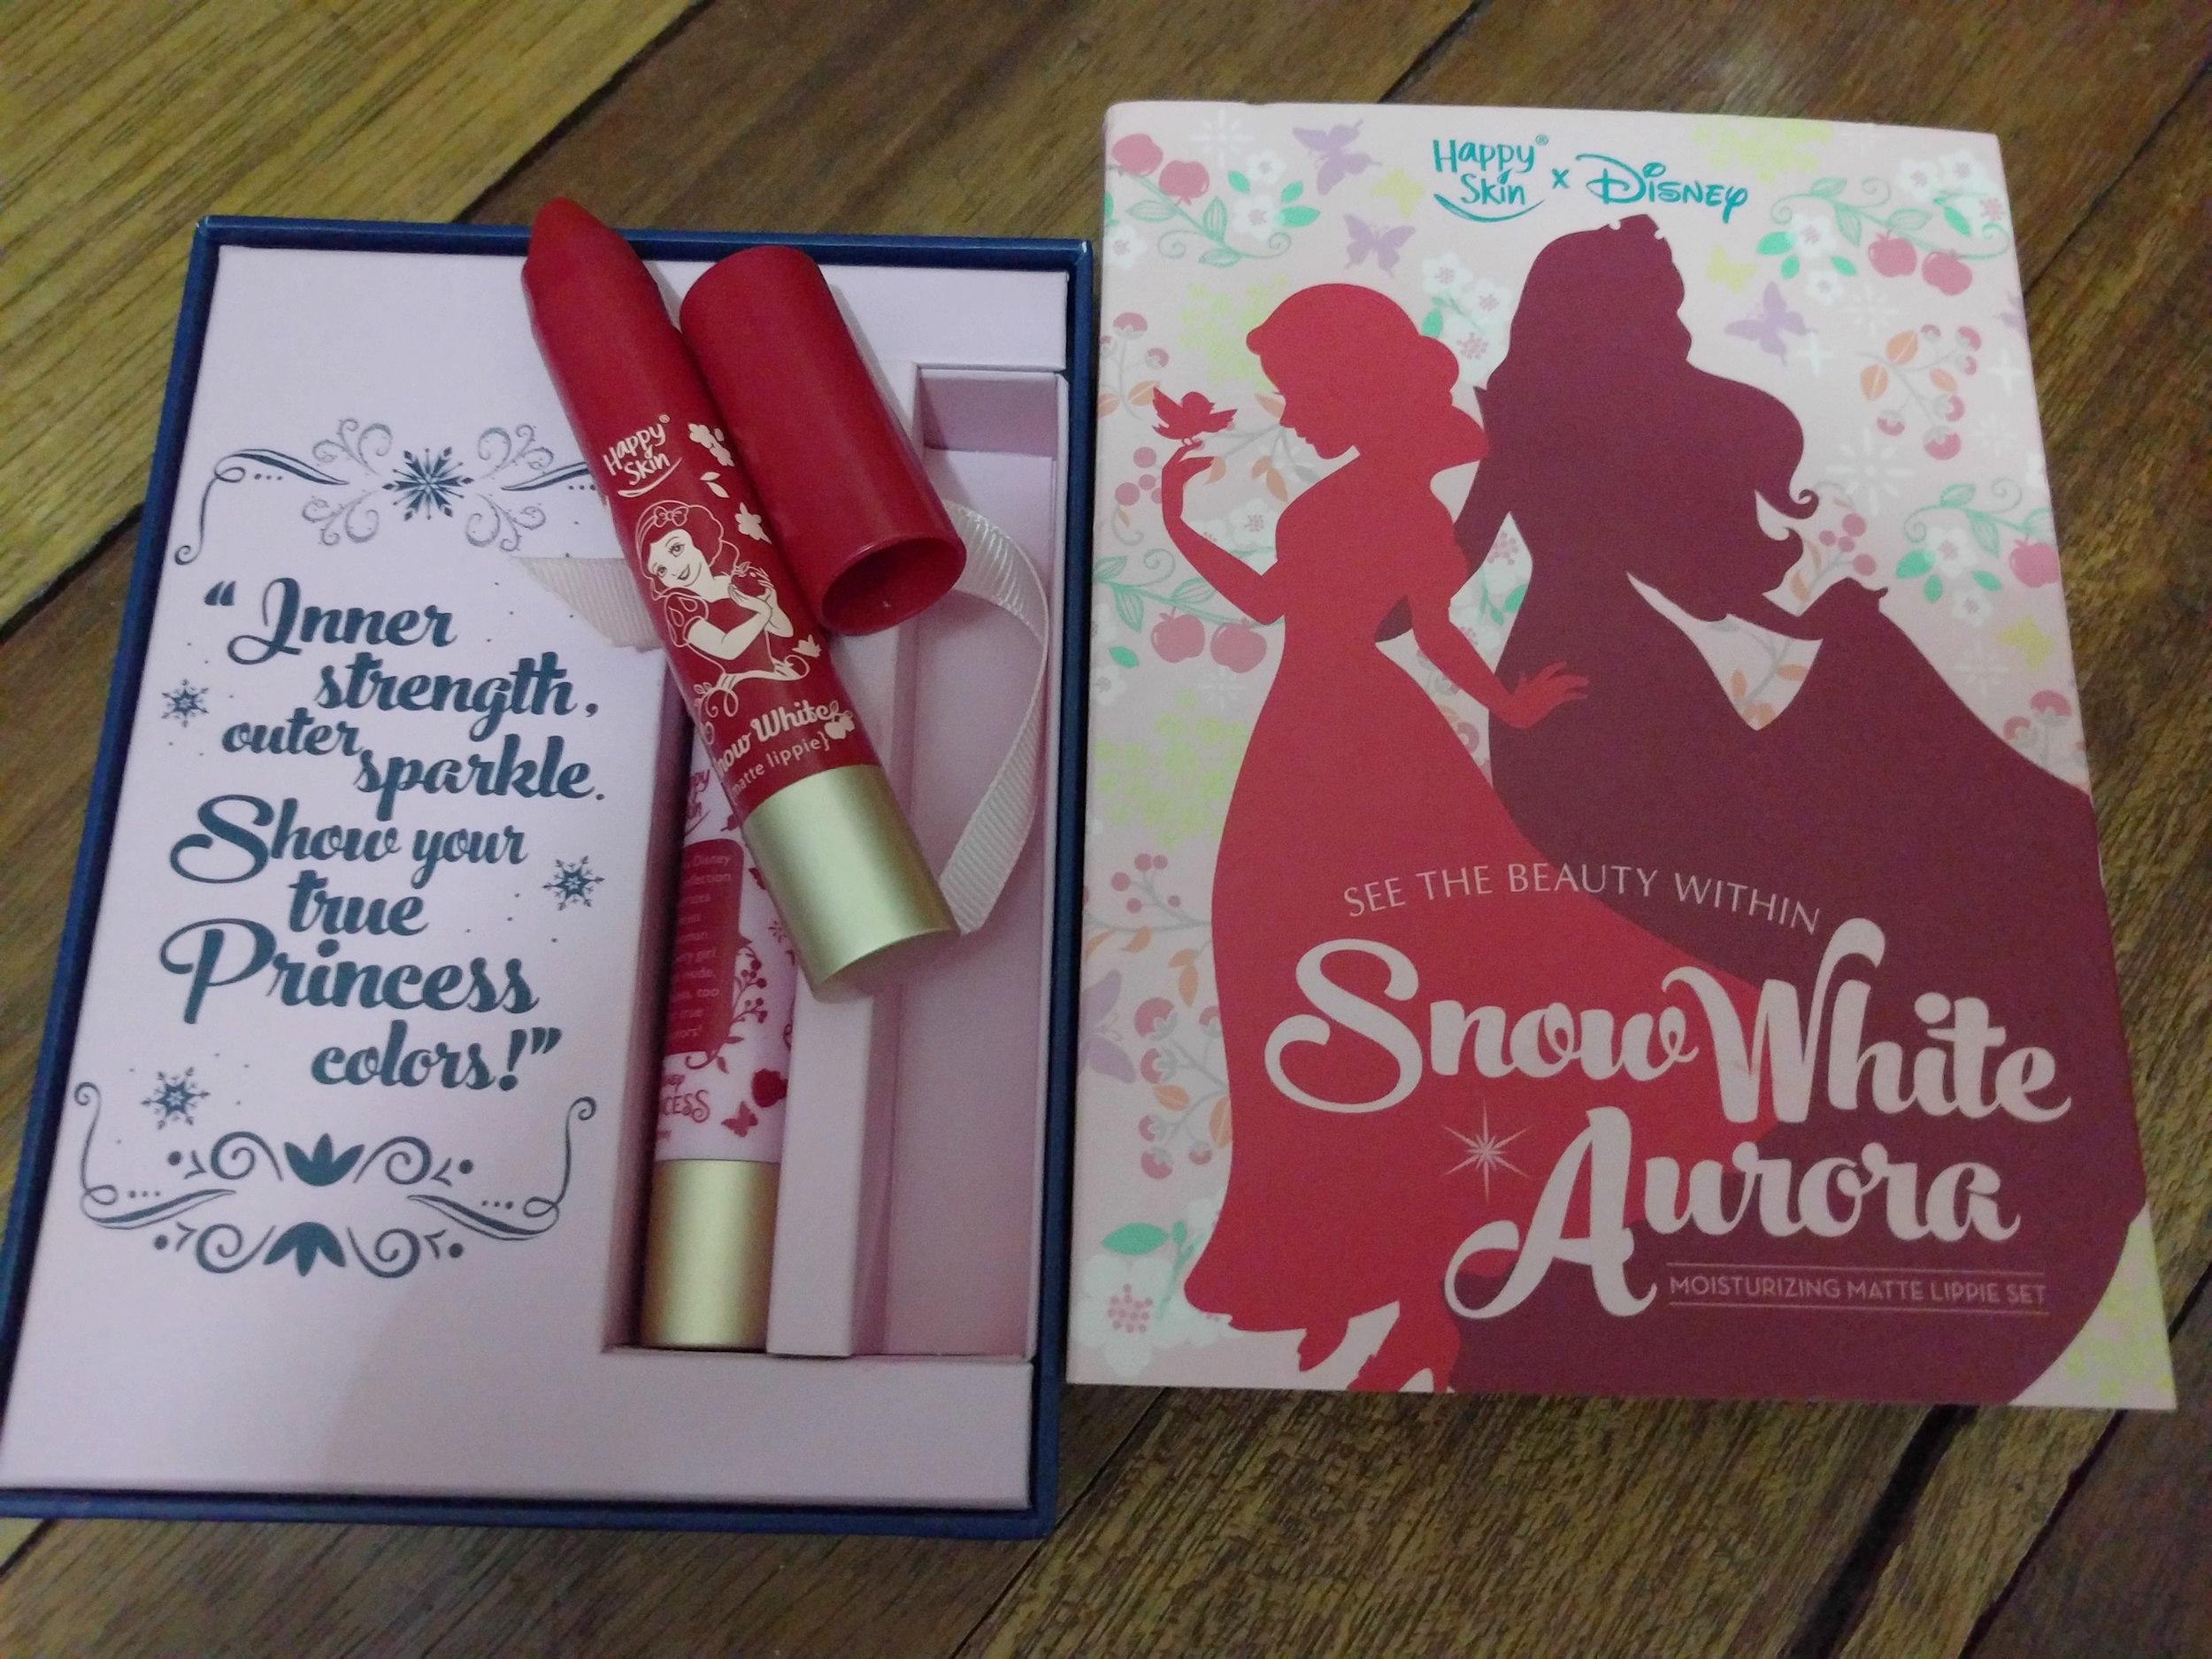 Happy Skin x Disney Collection in Snow White & Aurora